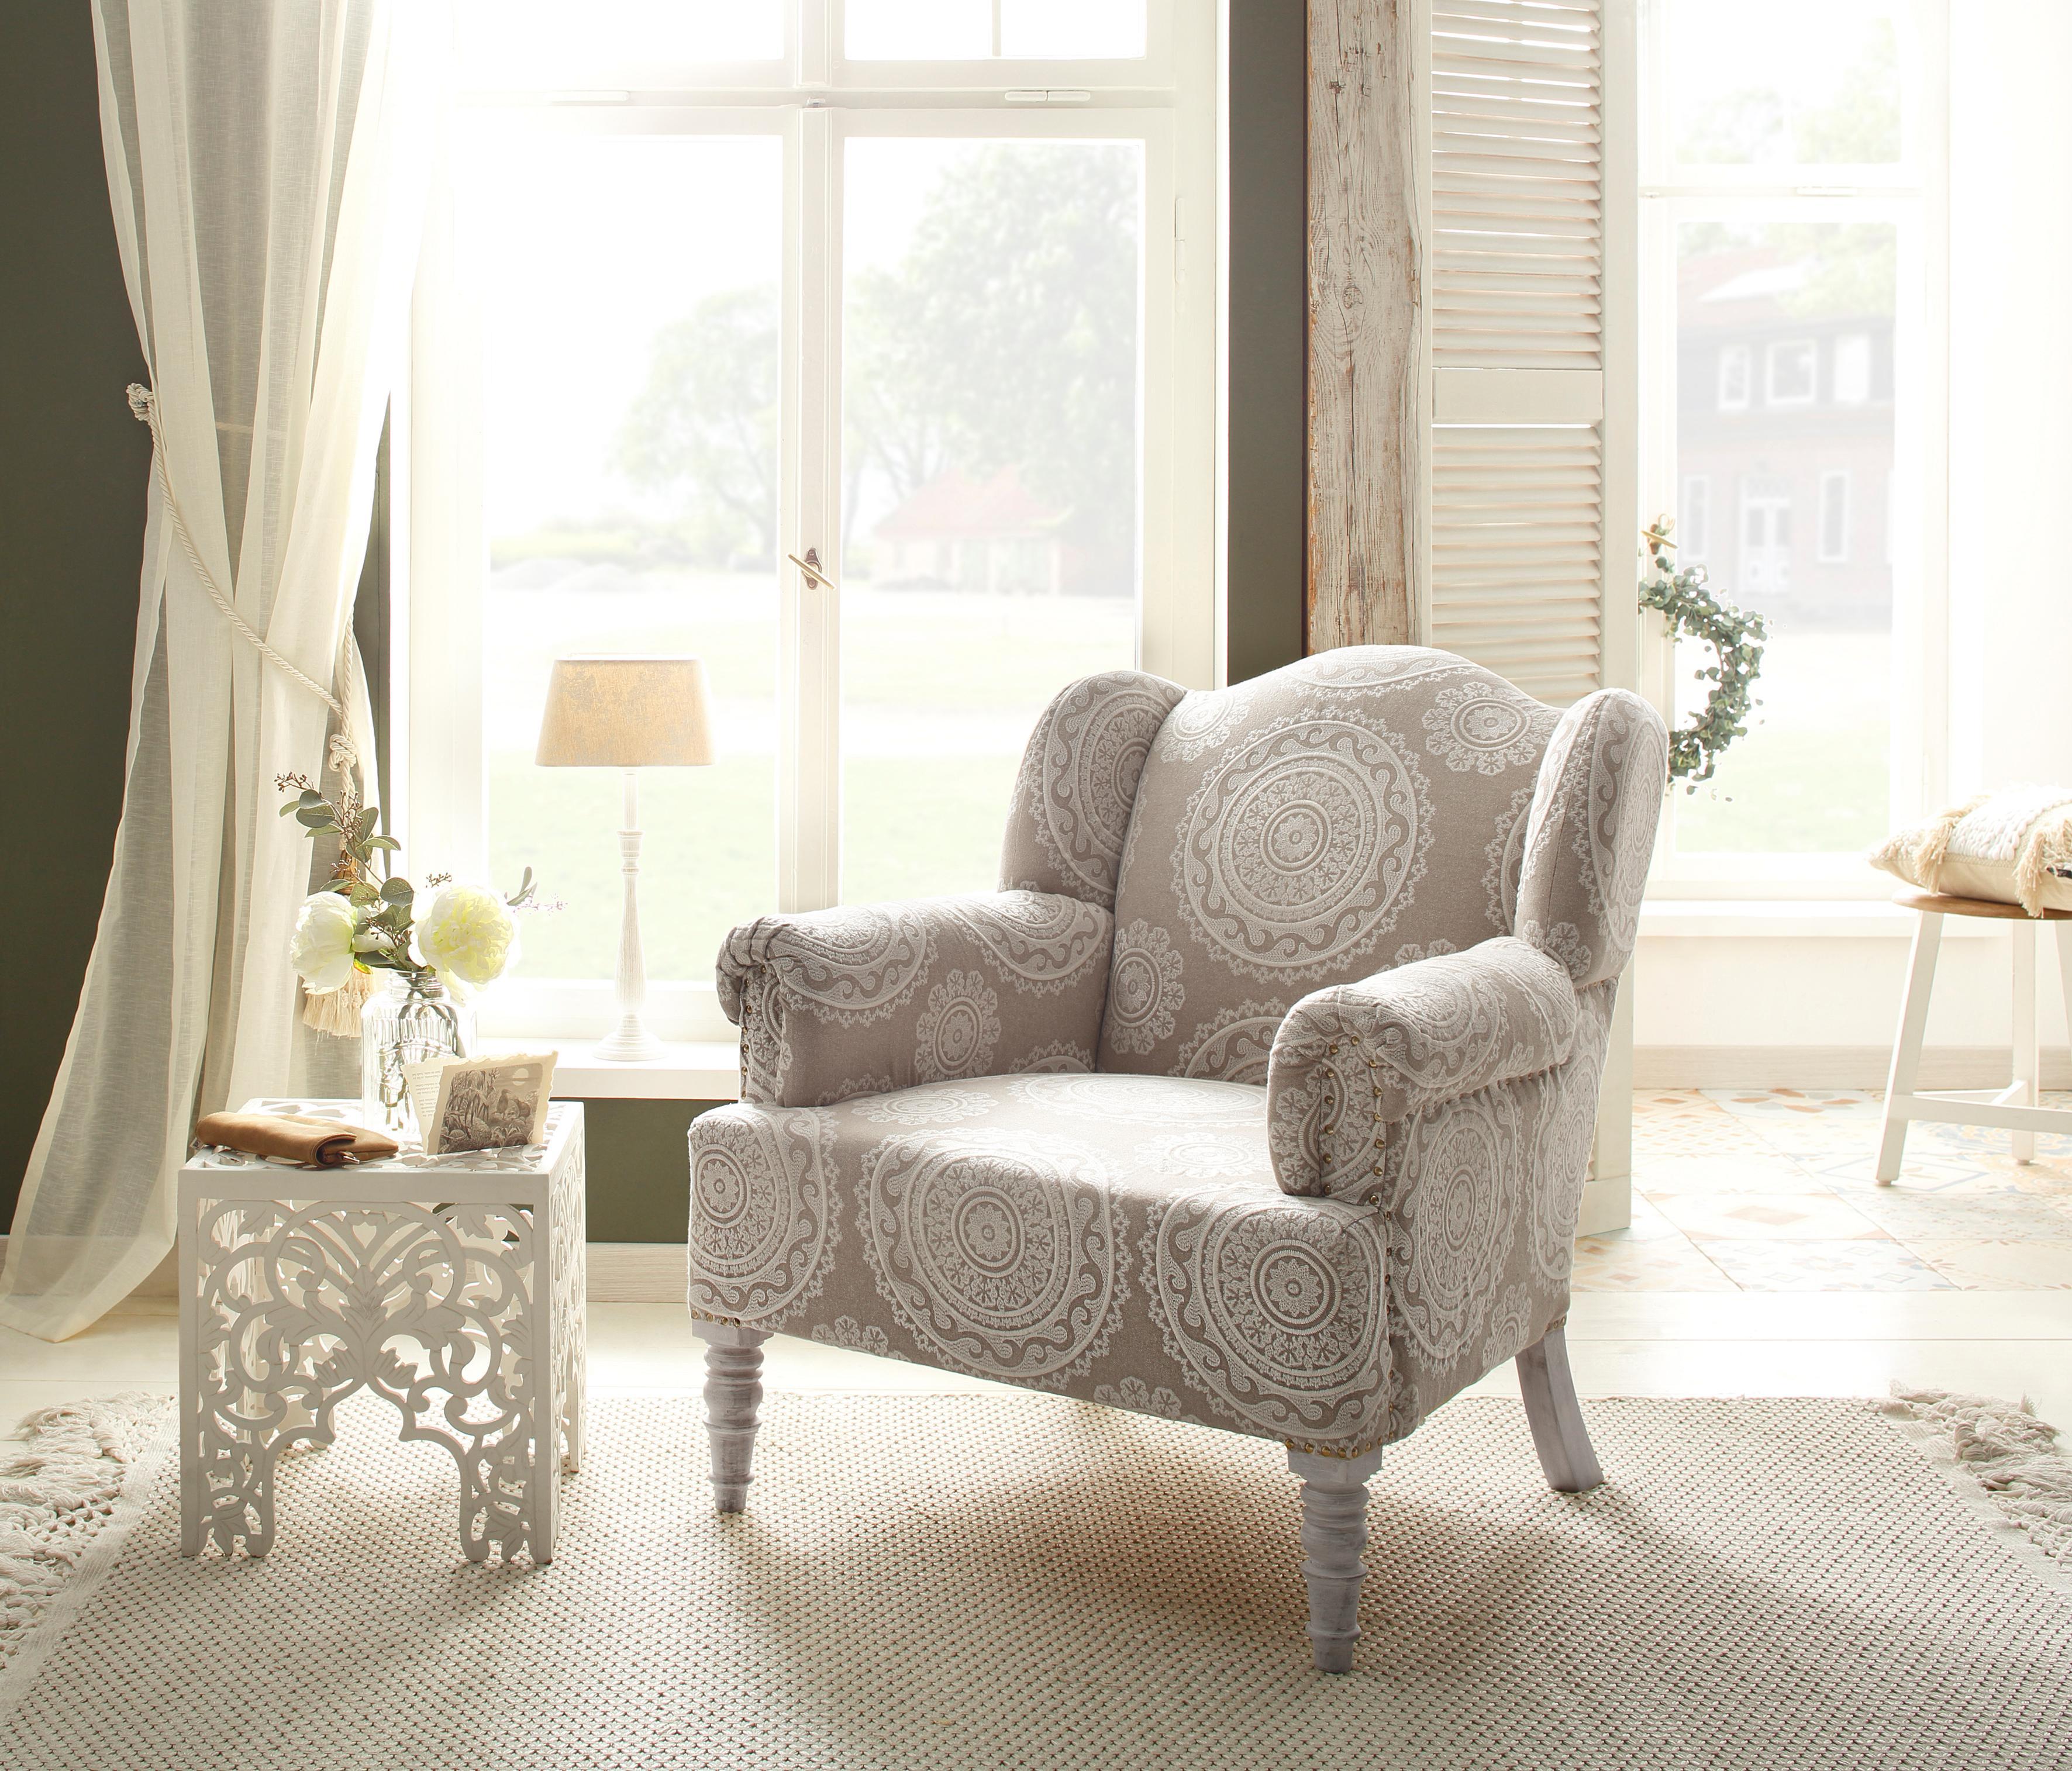 Home affaire Sessel Jamal aus schönem Jersey Bezug in bunter Farbvariation Sitzhöhe 44 cm